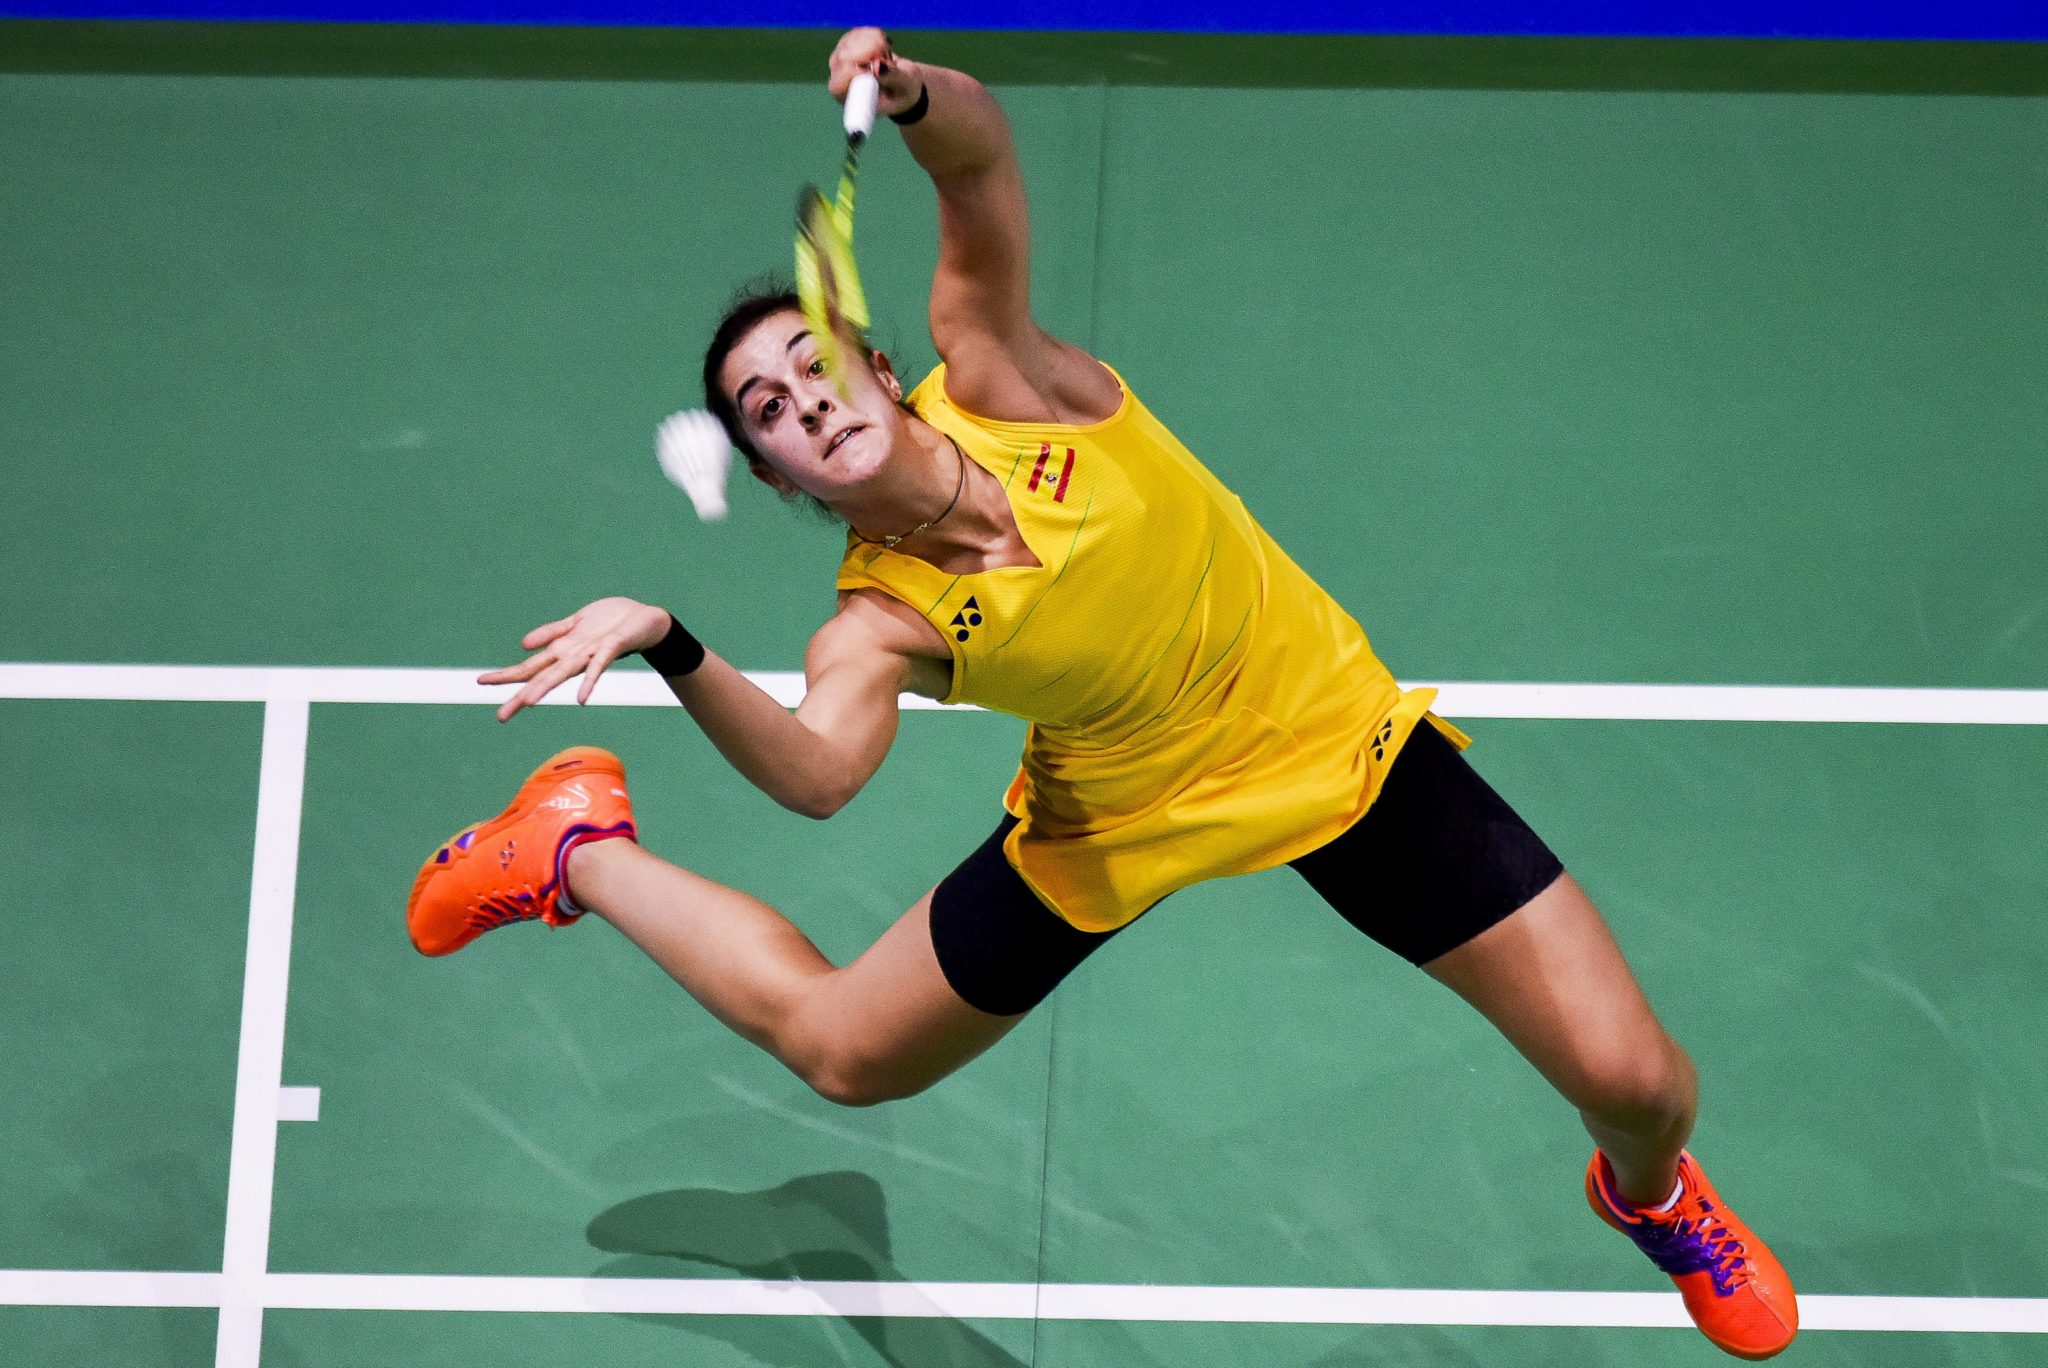 Zjednoczone Emiraty Arabskie: finał Mistrzostw Świata w Badmintonie w Dubaju (foto. PAP/EPA/STRINGER)